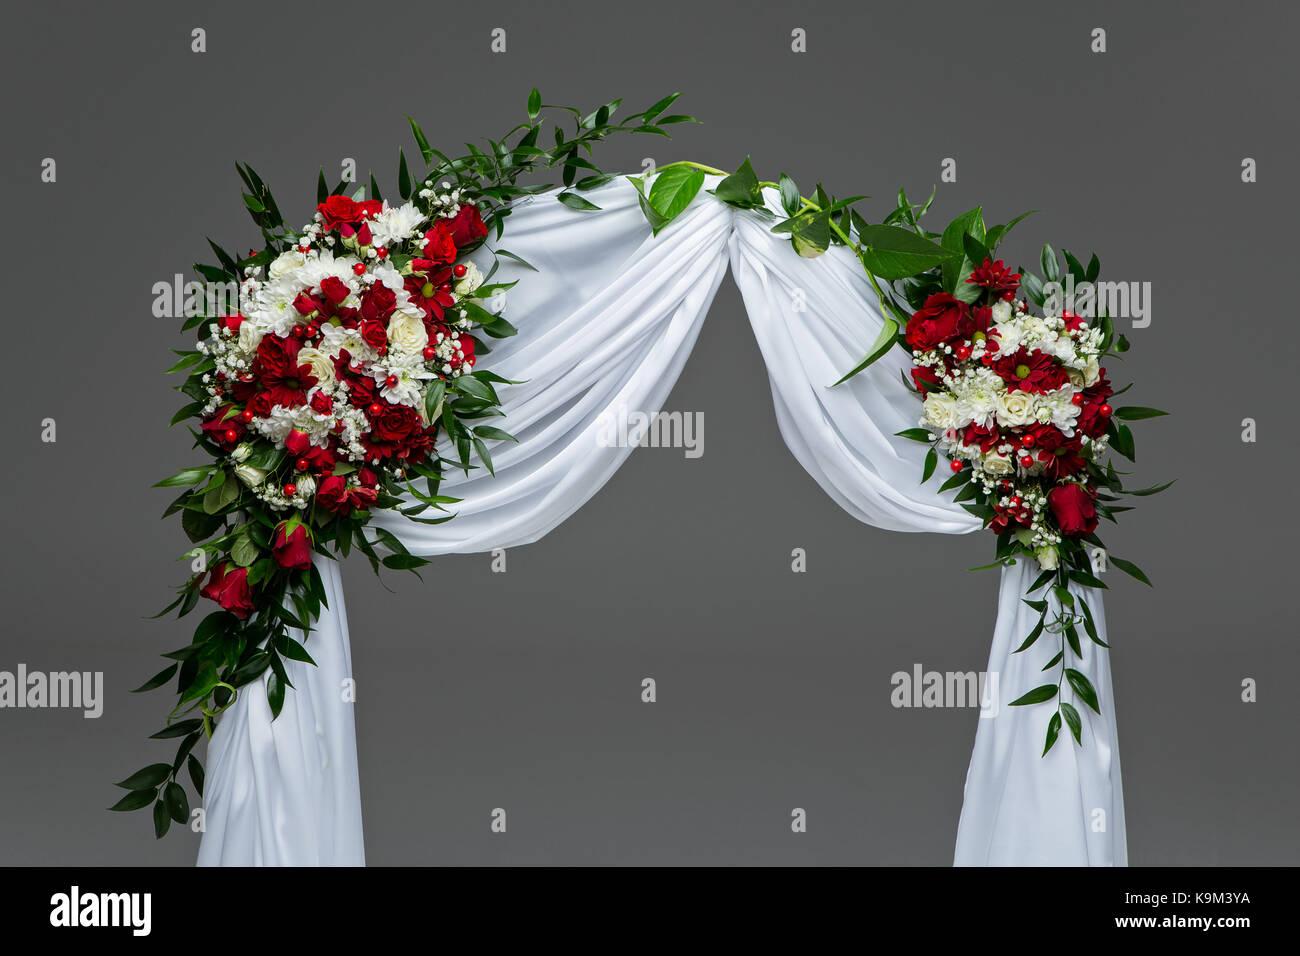 Arco De Flores Hermosas Rosas Decoración De Boda Con Rosas Blancas Y Rojas Studio Shot Copie El Espacio Fotografía De Stock Alamy